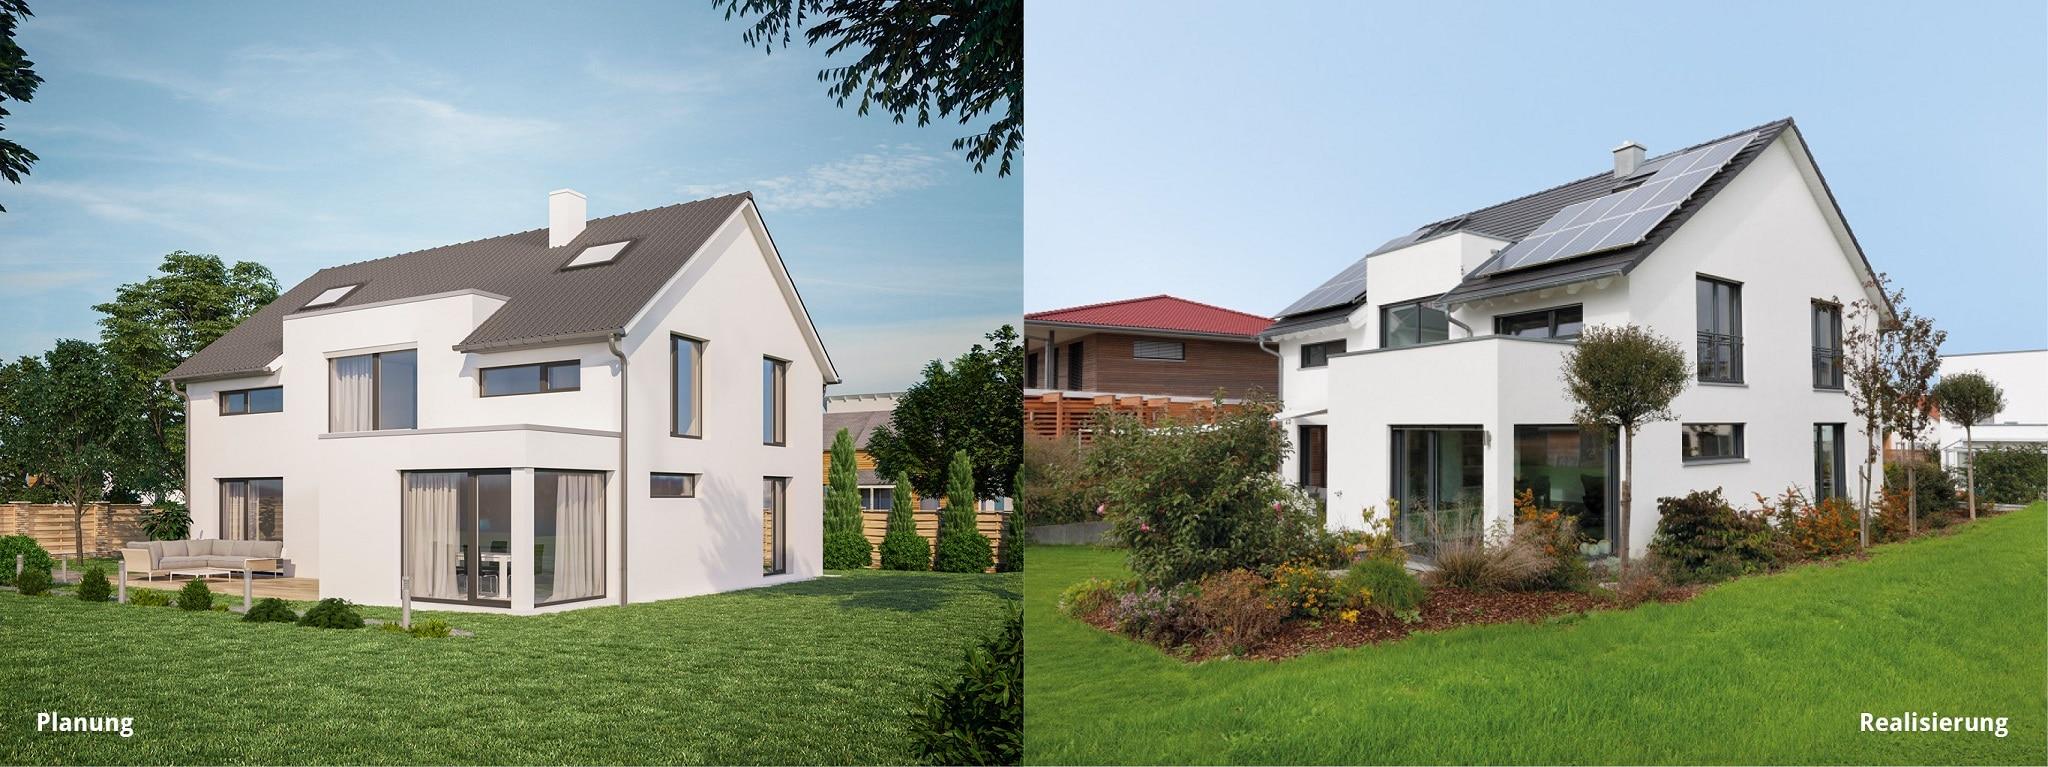 Vergleich Planung und Realisierung Einfamilienhaus